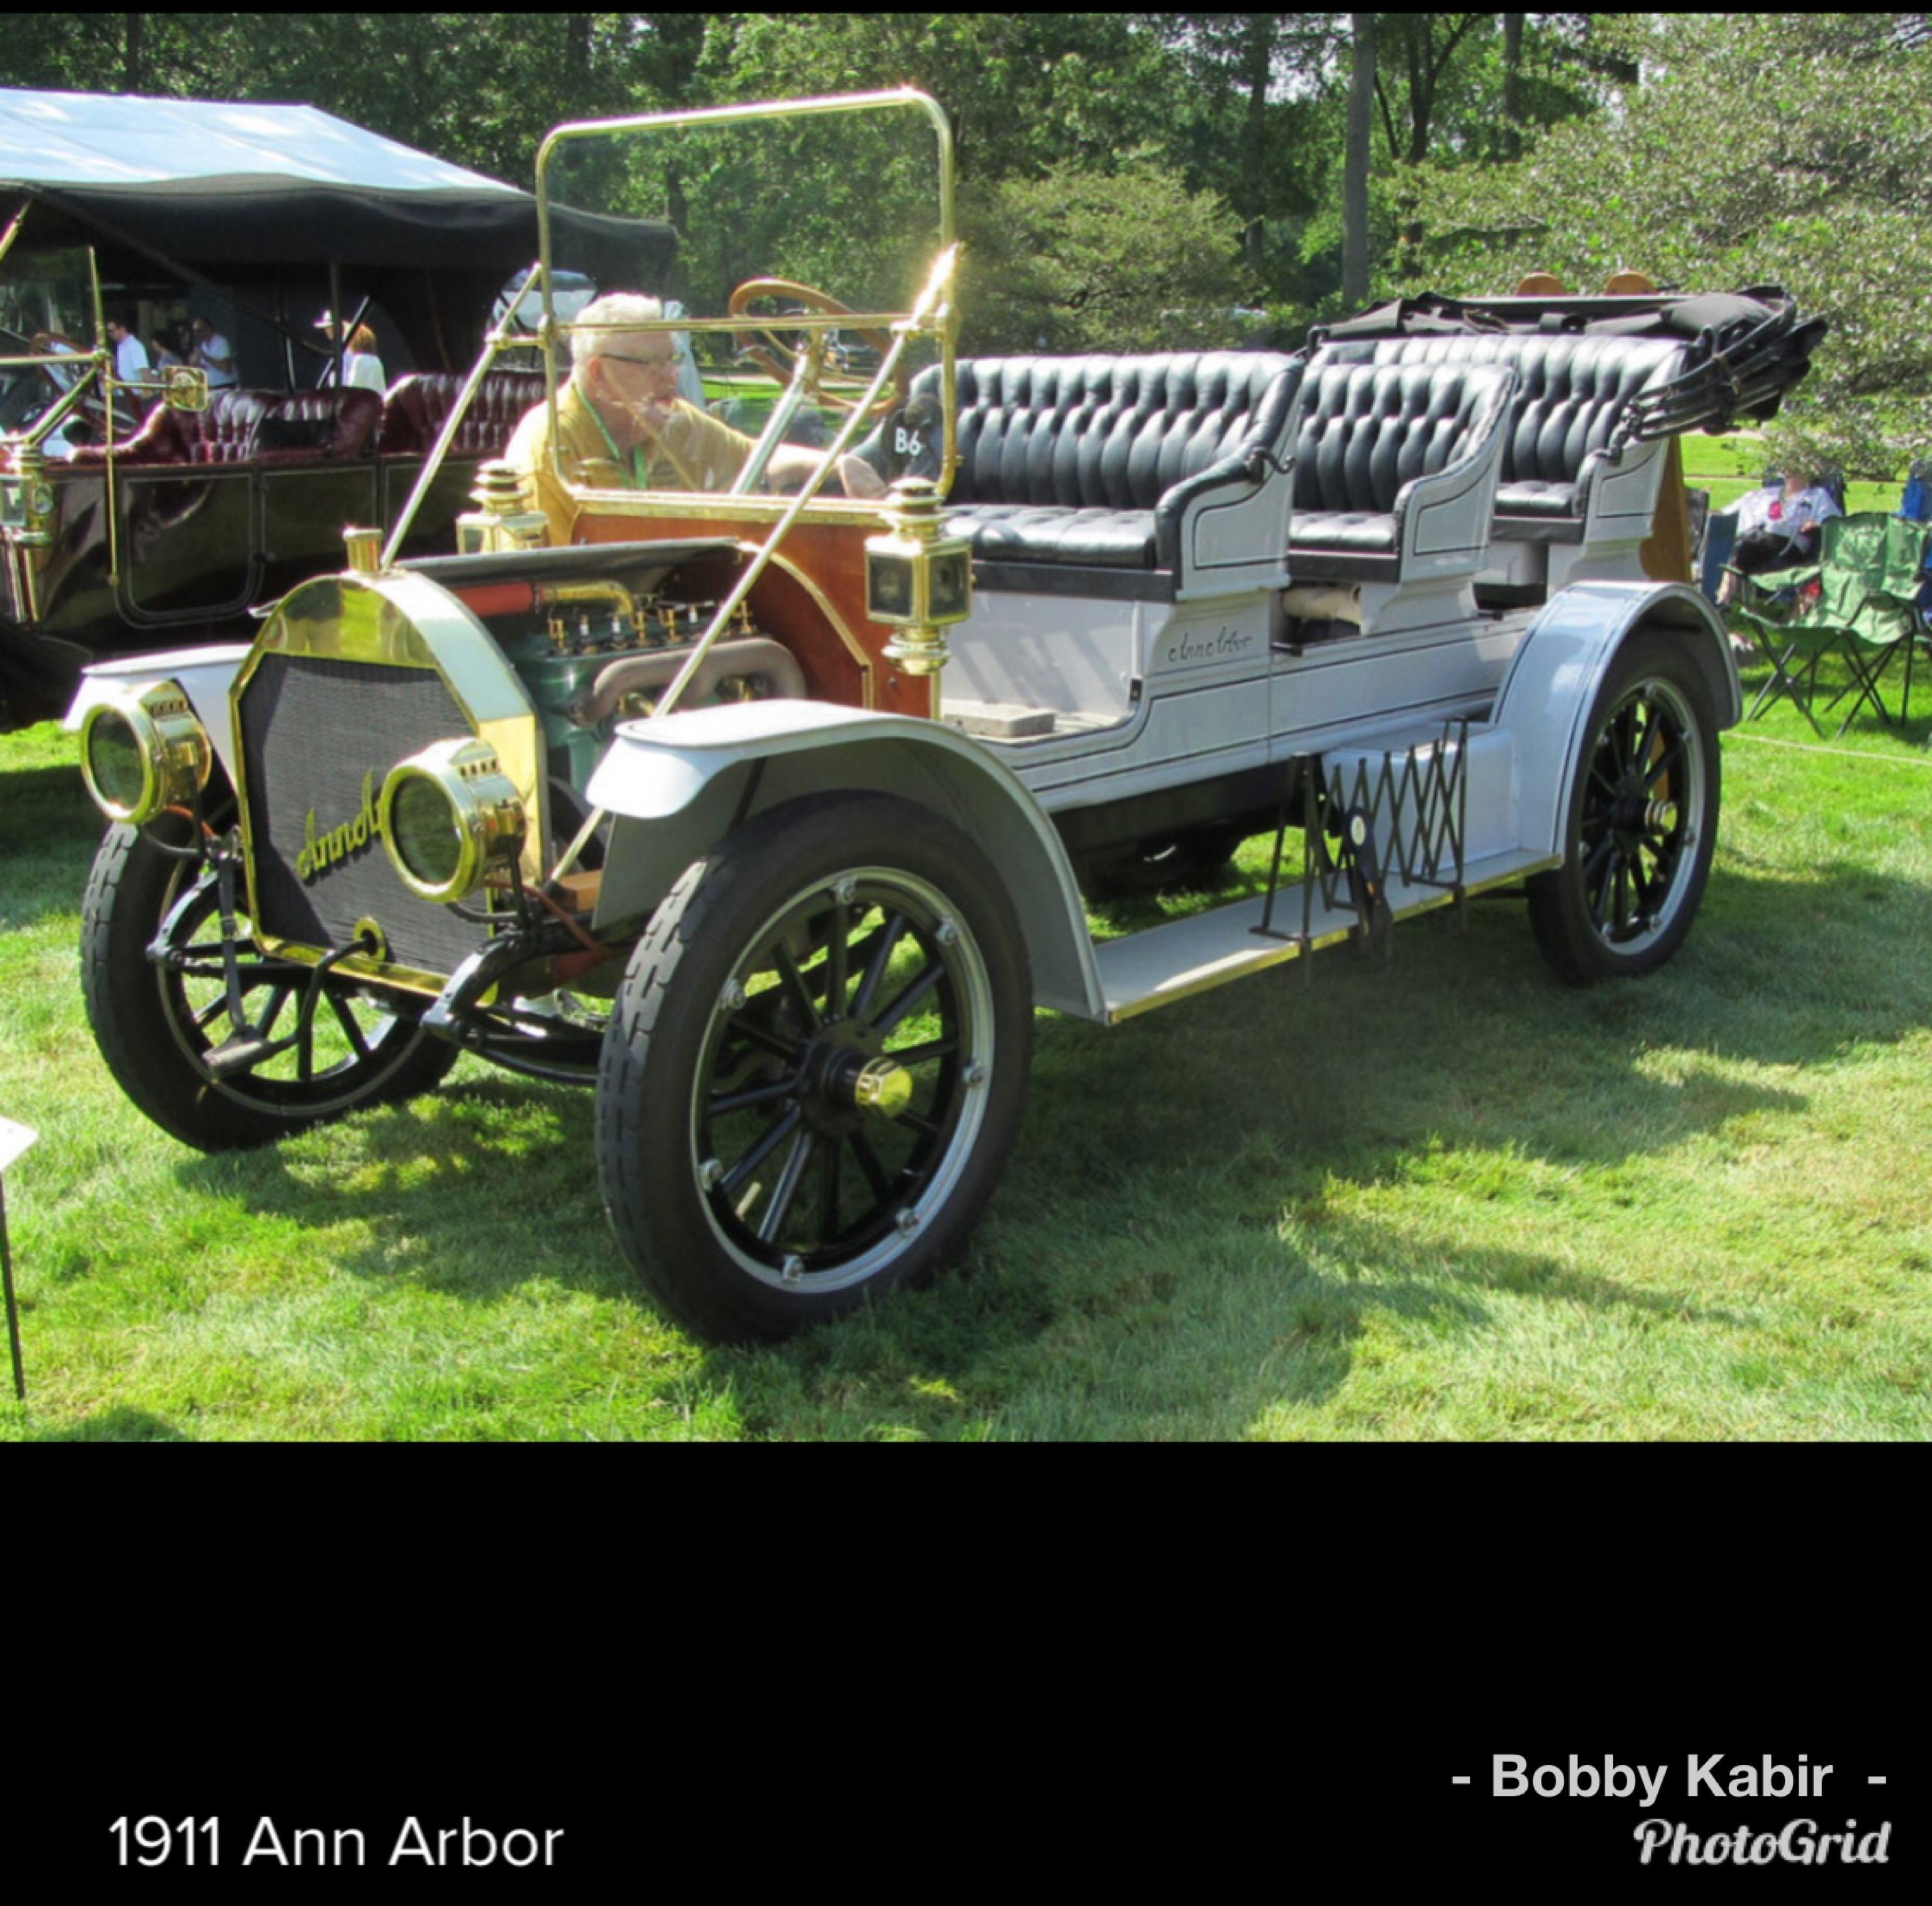 1911 Ann Arbor by John Lloyd on Flickr | Old time cars | Pinterest ...